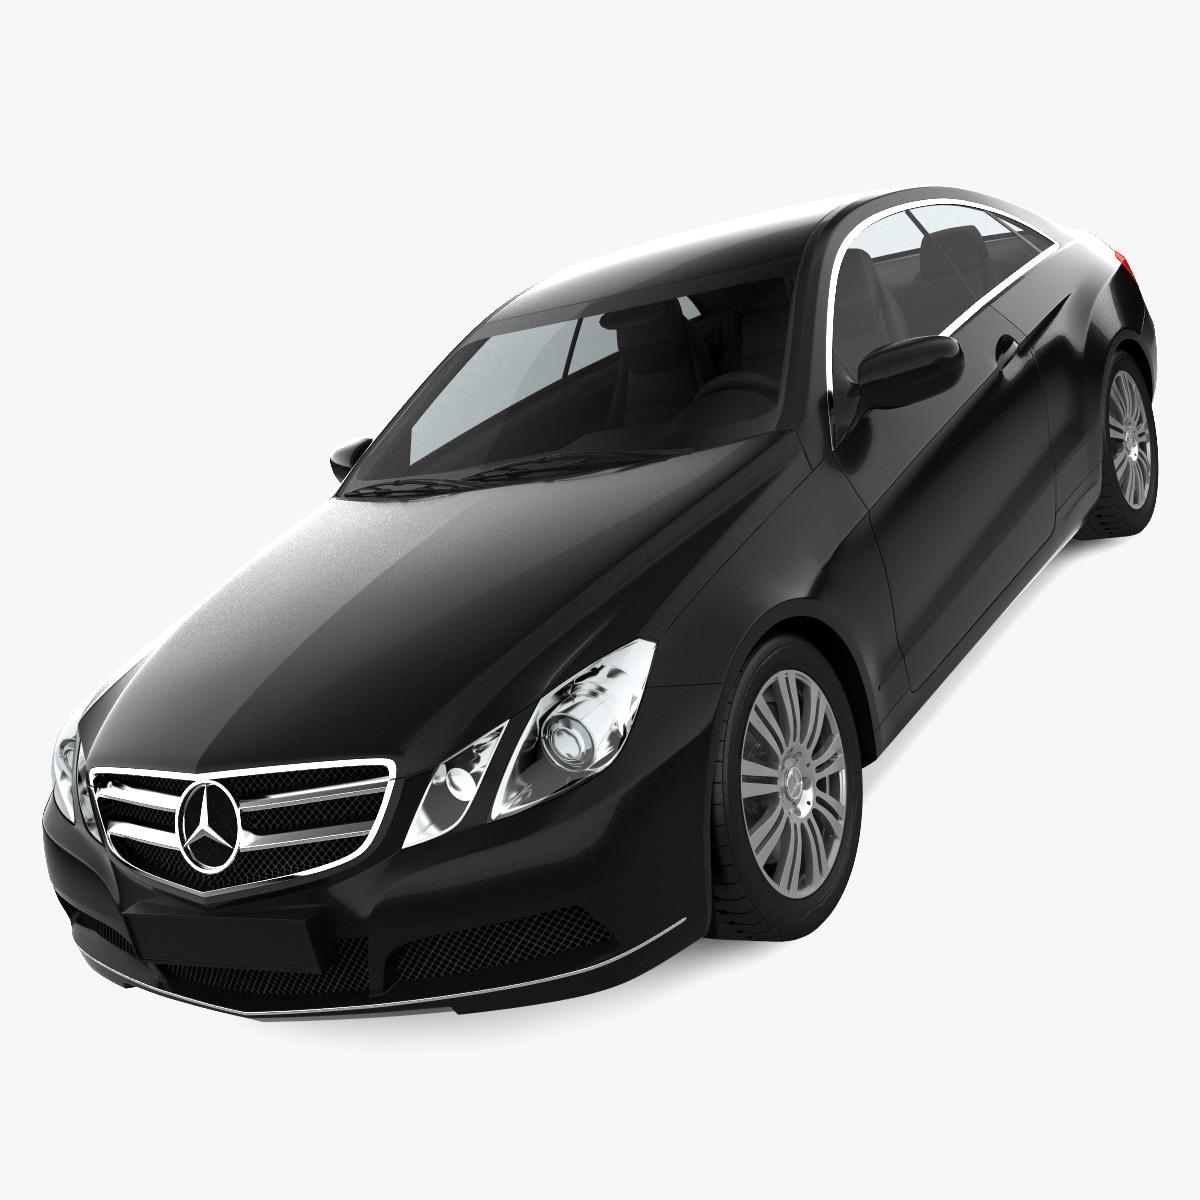 Mercedes_E_Class_2010_00.jpg